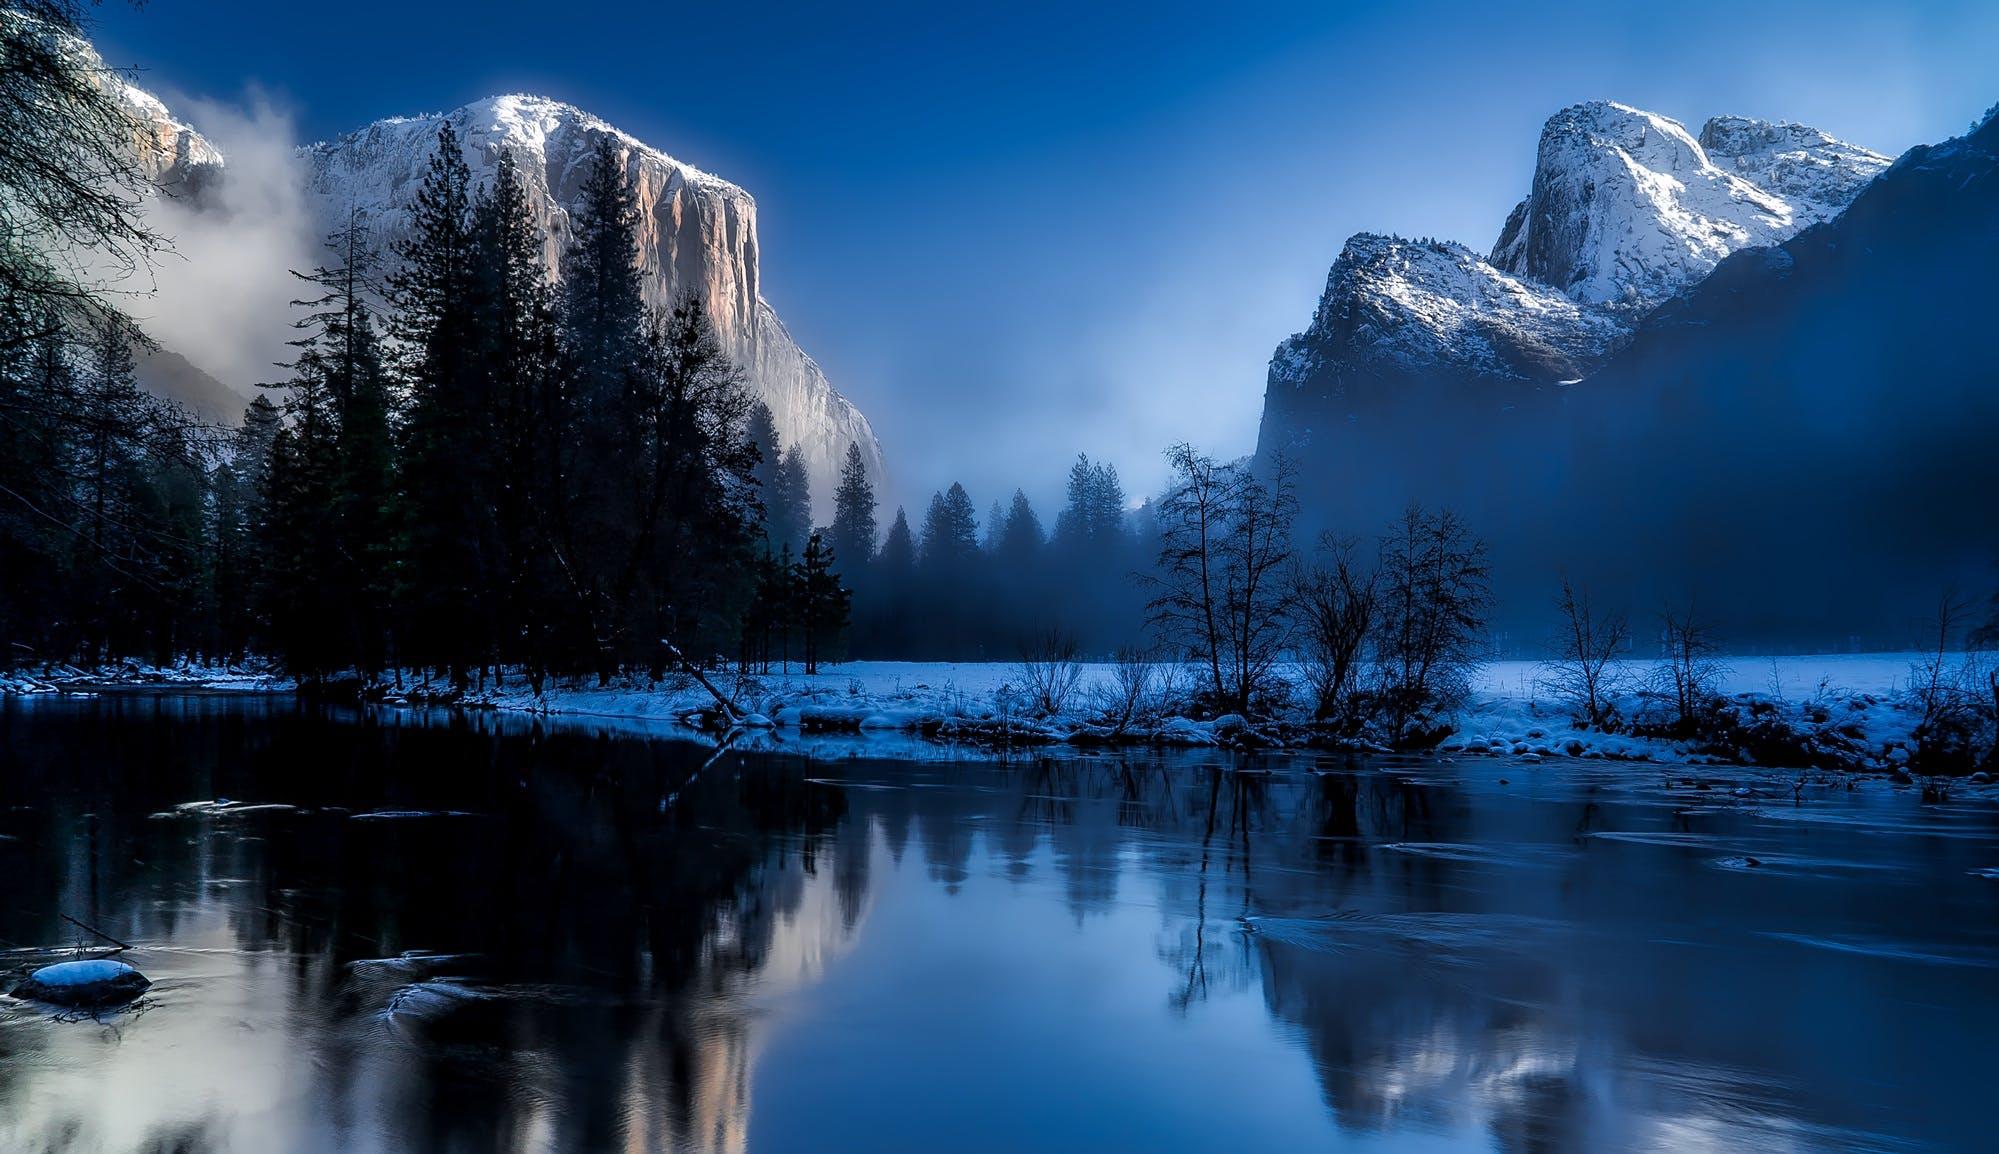 Kostenloses Stock Foto zu bäume, berge, kalt, landschaft